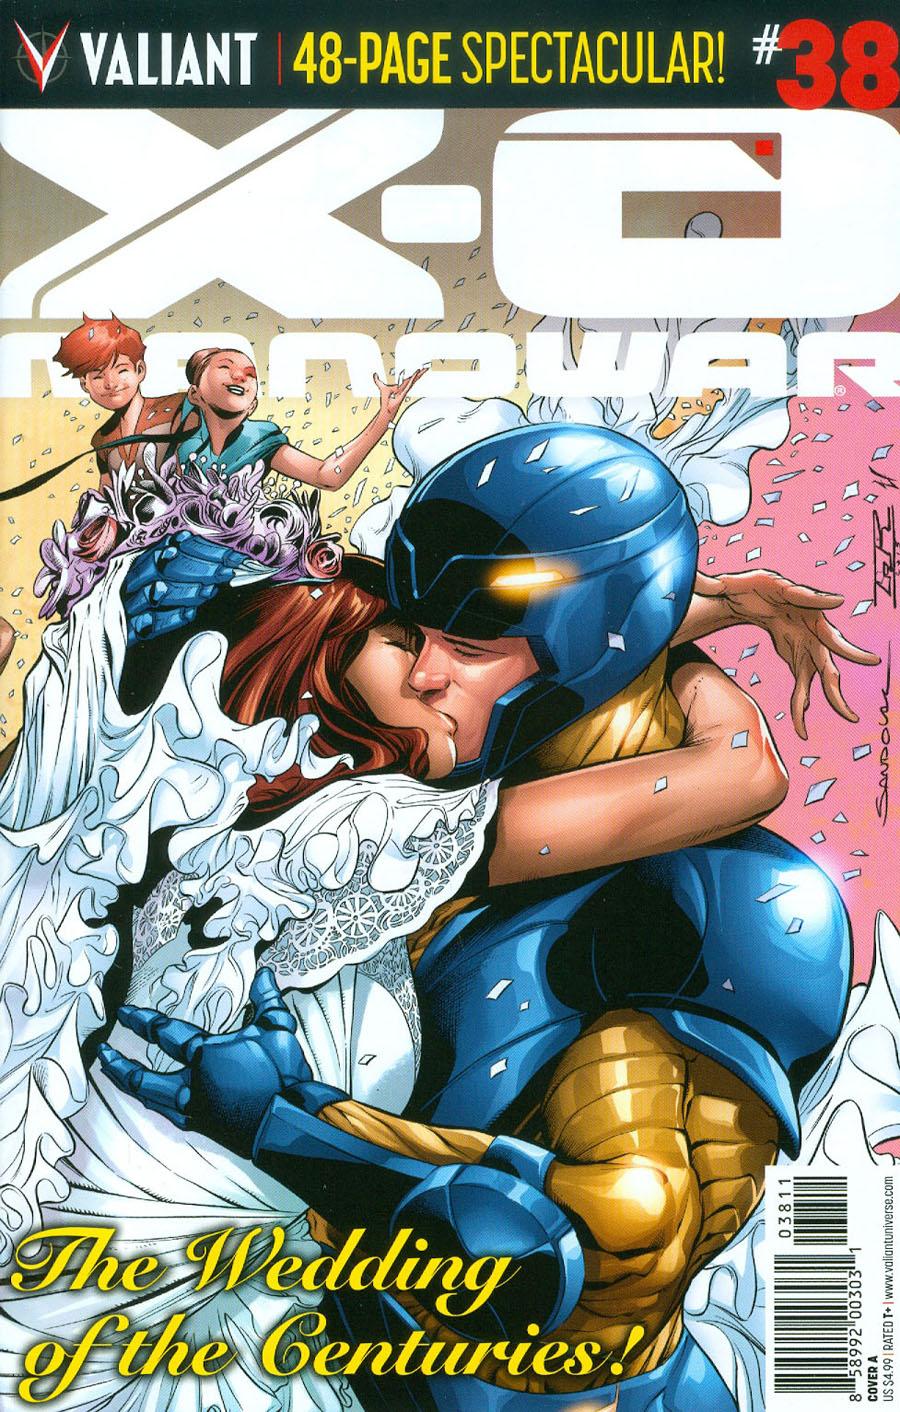 X-O Manowar Vol 3 #38 Cover A Regular Rafa Sandoval Wraparound Cover